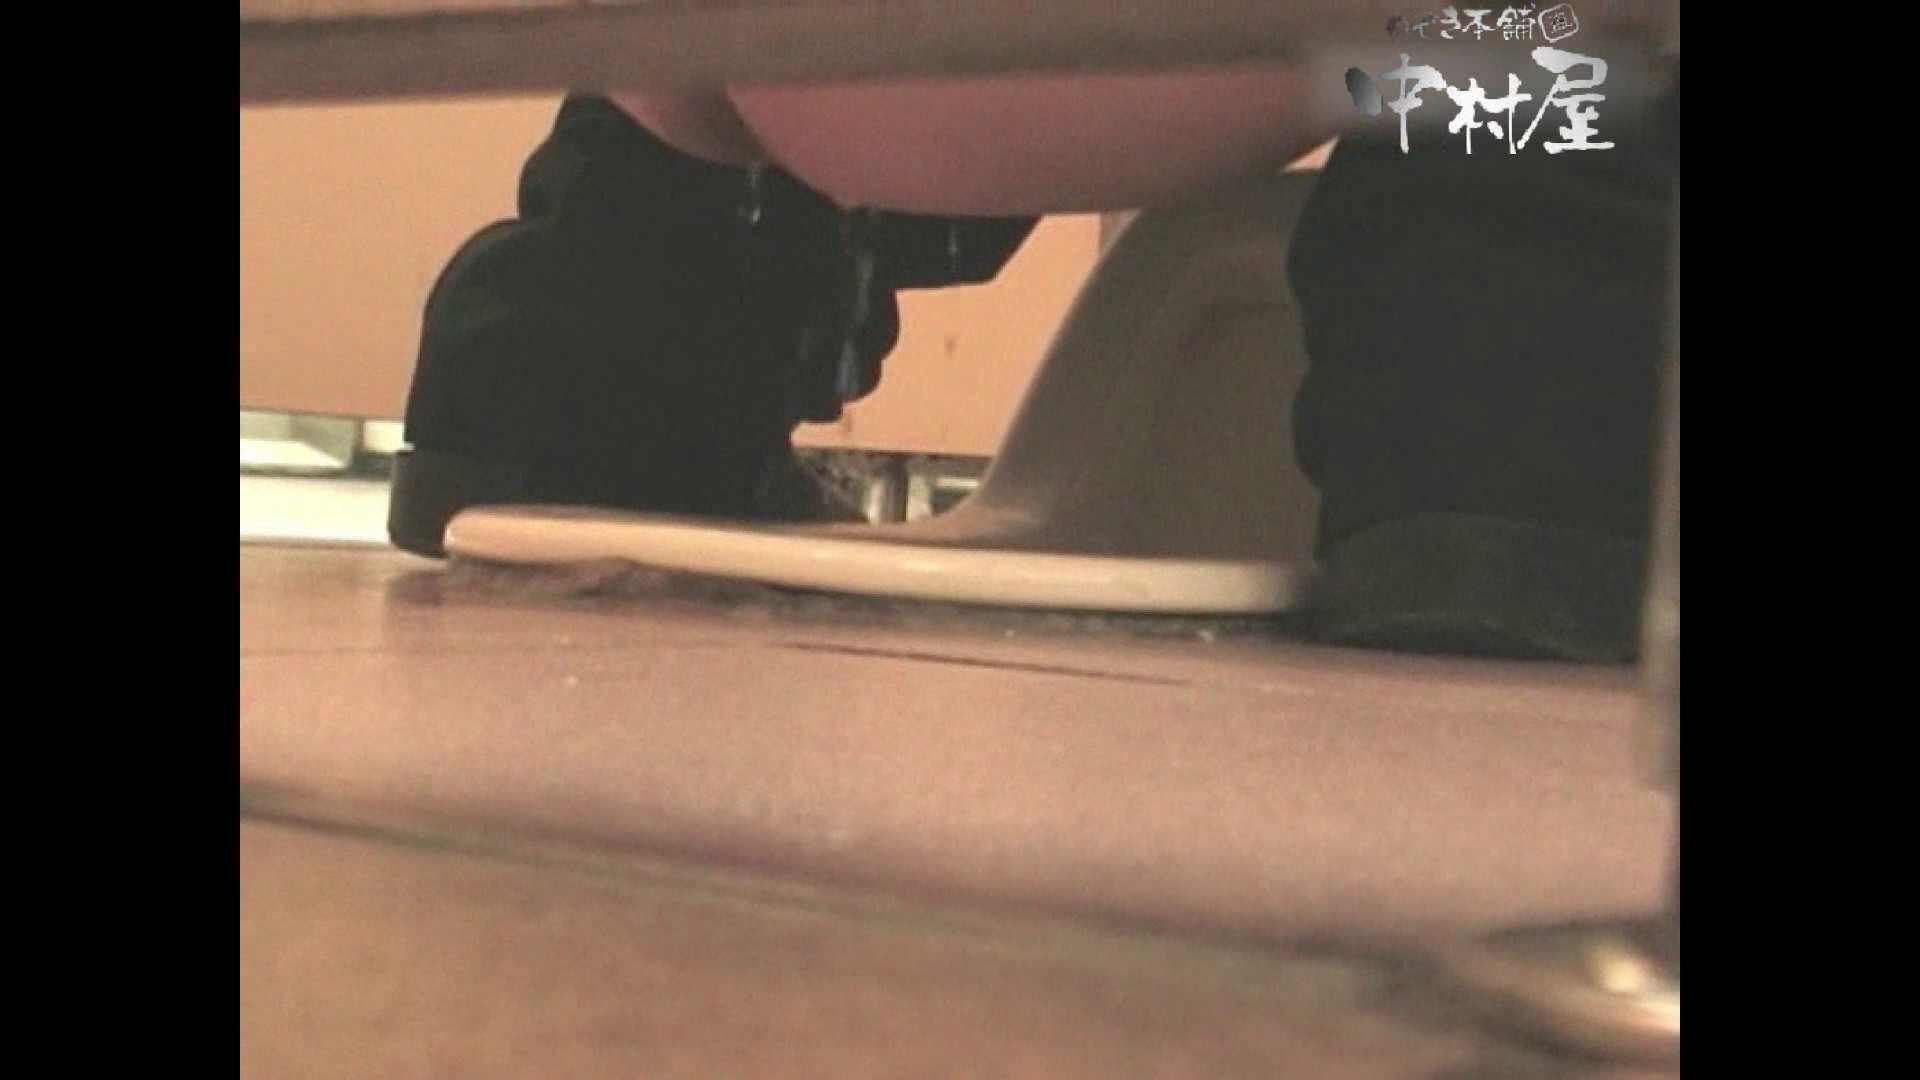 岩手県在住盗撮師盗撮記録vol.03 盗撮 エロ無料画像 99画像 17